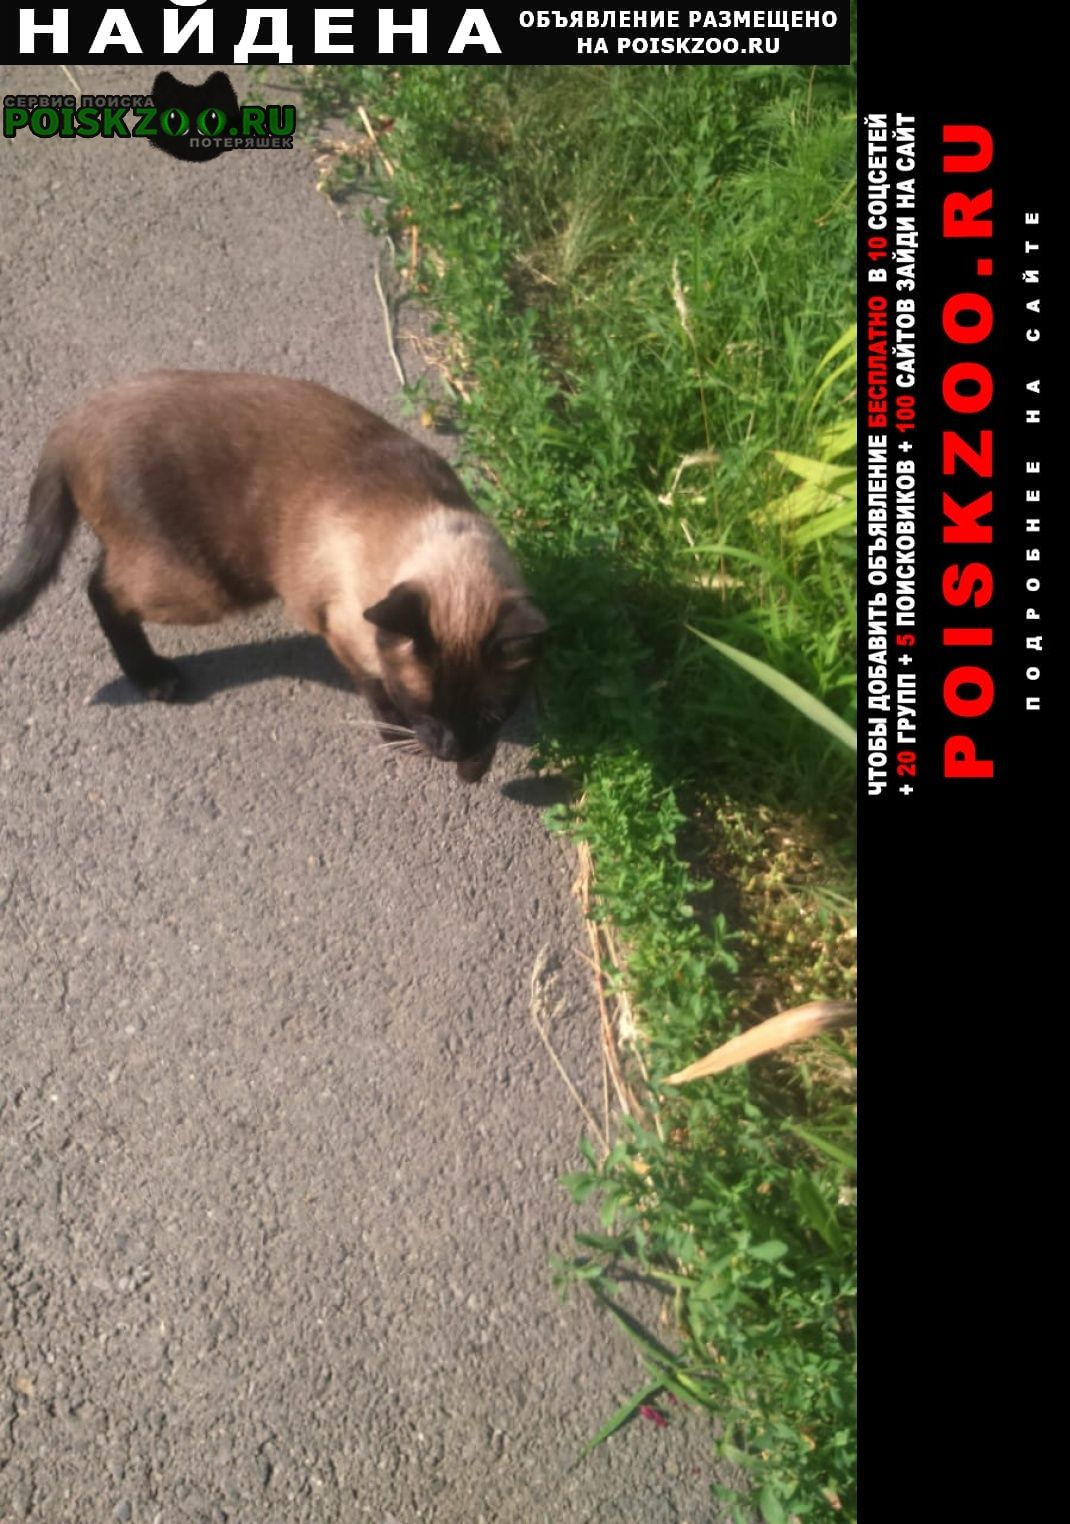 Аксай (Ростовская обл.) Найдена кошка кот